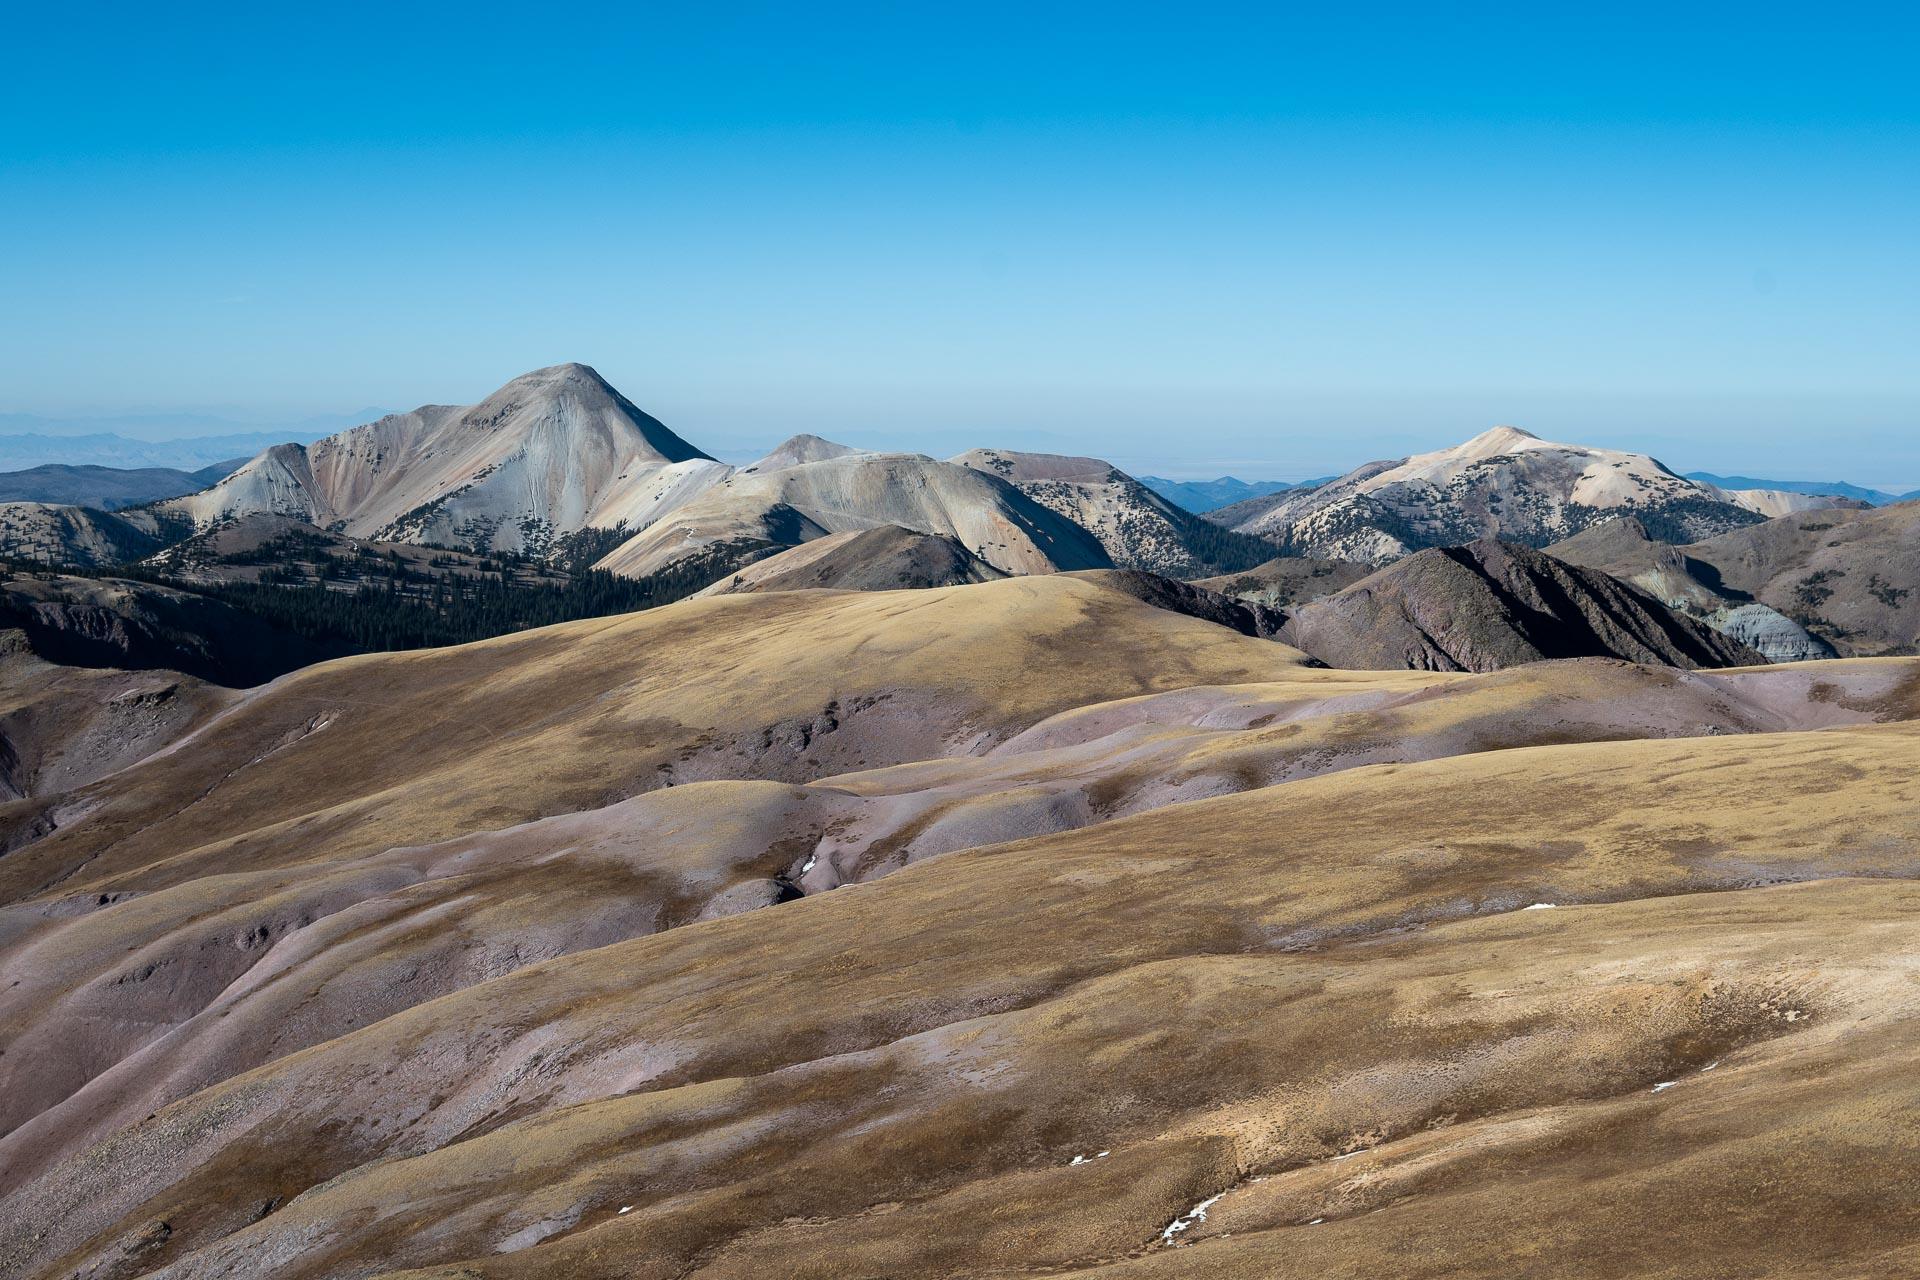 Mt. Baldy & Mt. Belknap